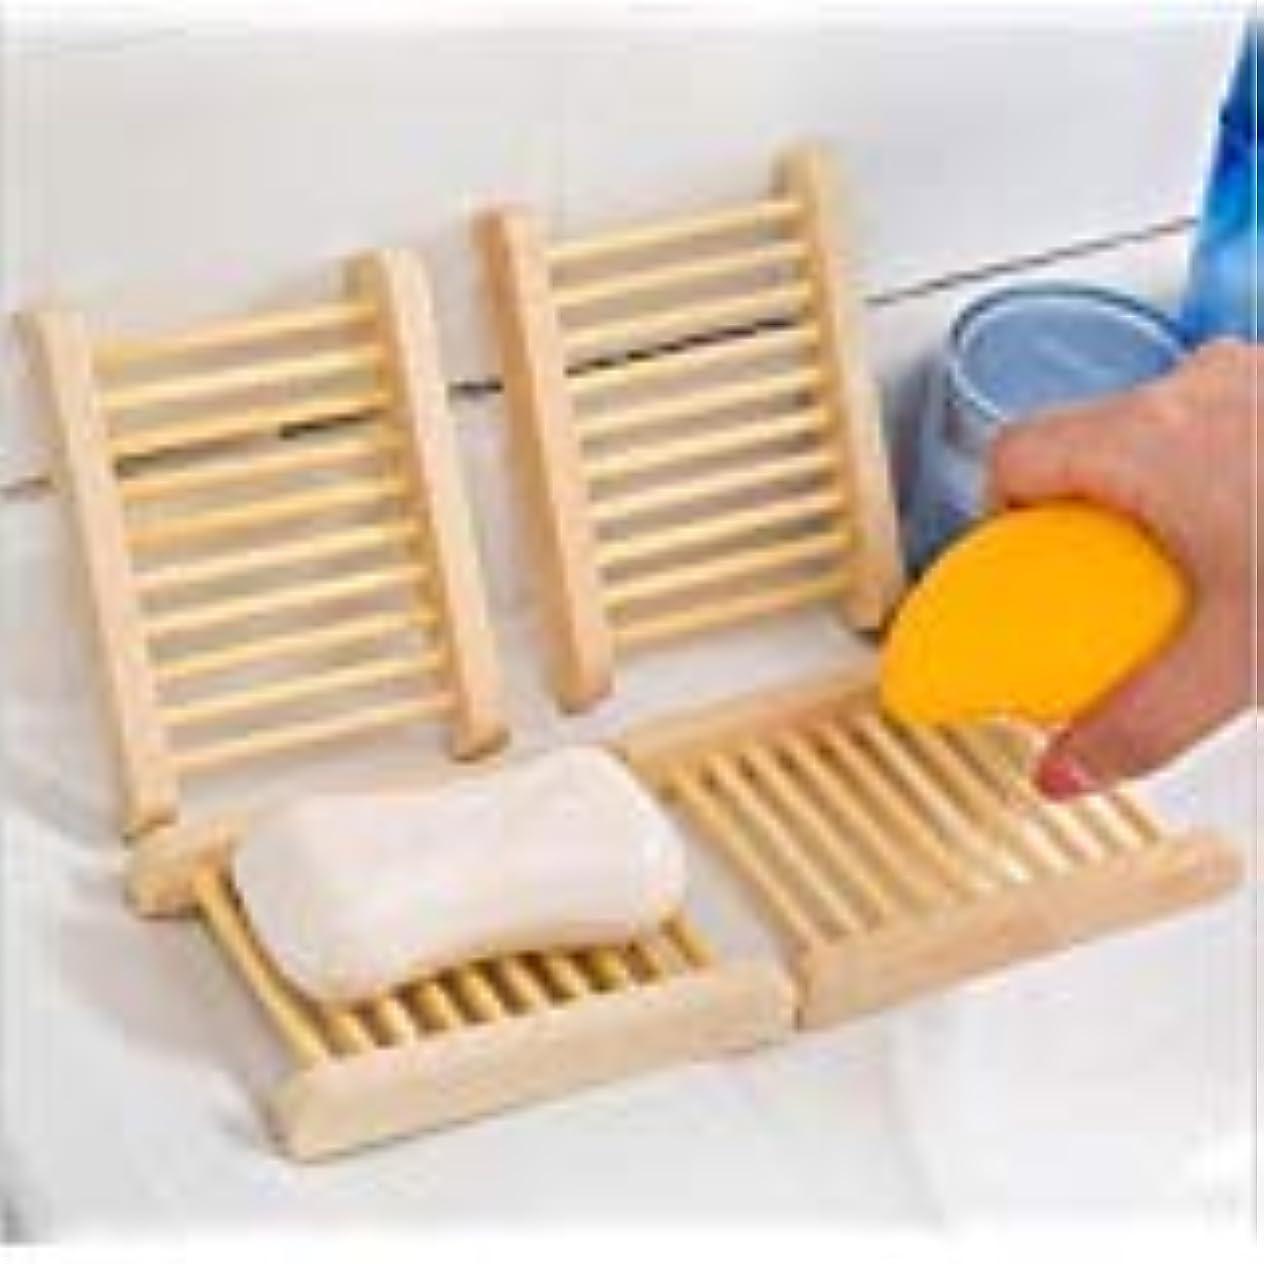 誓約操るノベルティKINGZUO ソープトレー せっけんトレー 石鹸置き石鹸置き 石鹸ボックス ソープディッシュ 水切り お風呂 バス用品 木製 4個入り